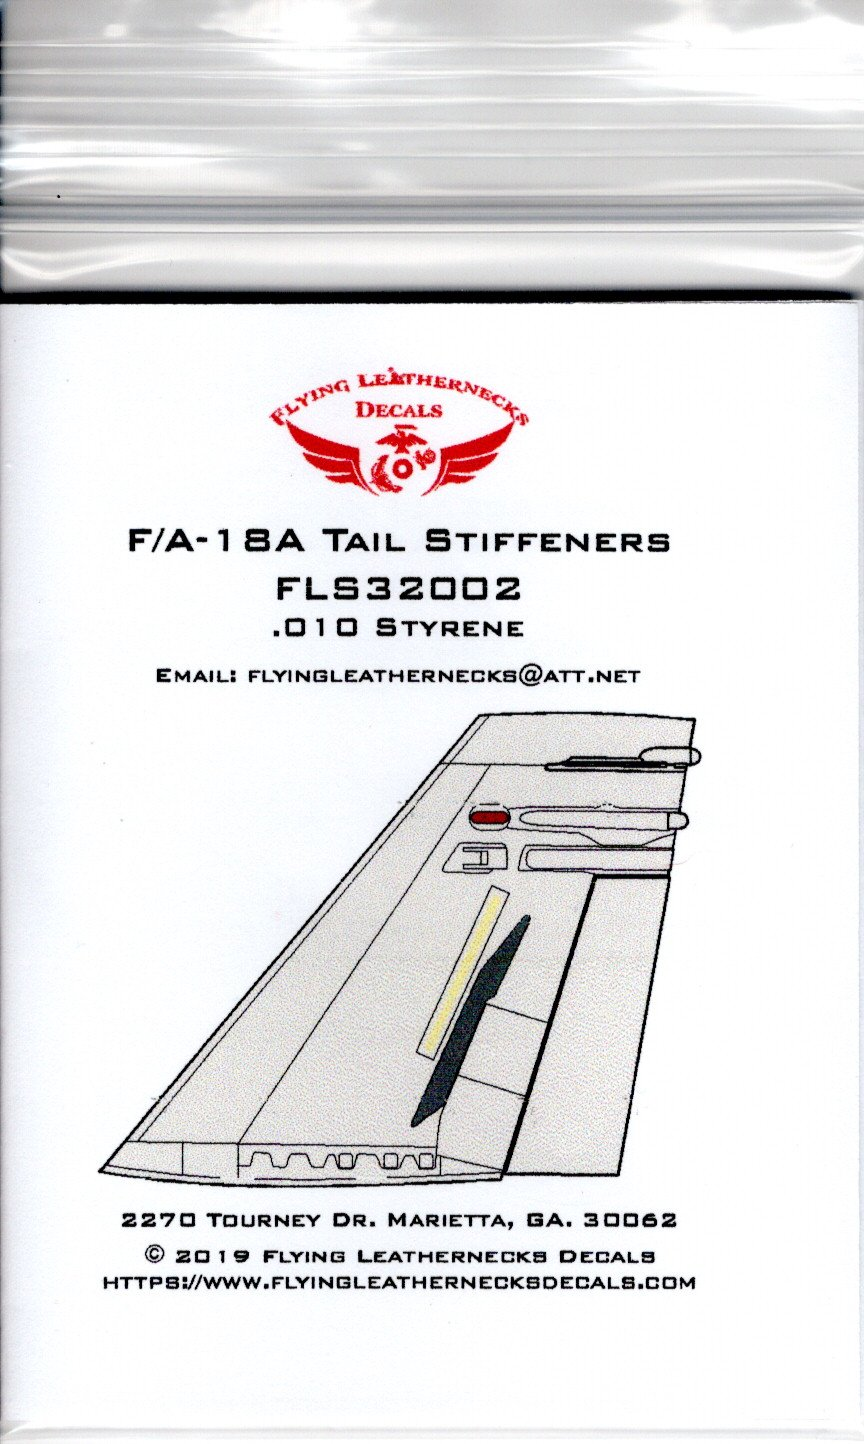 FLS32002